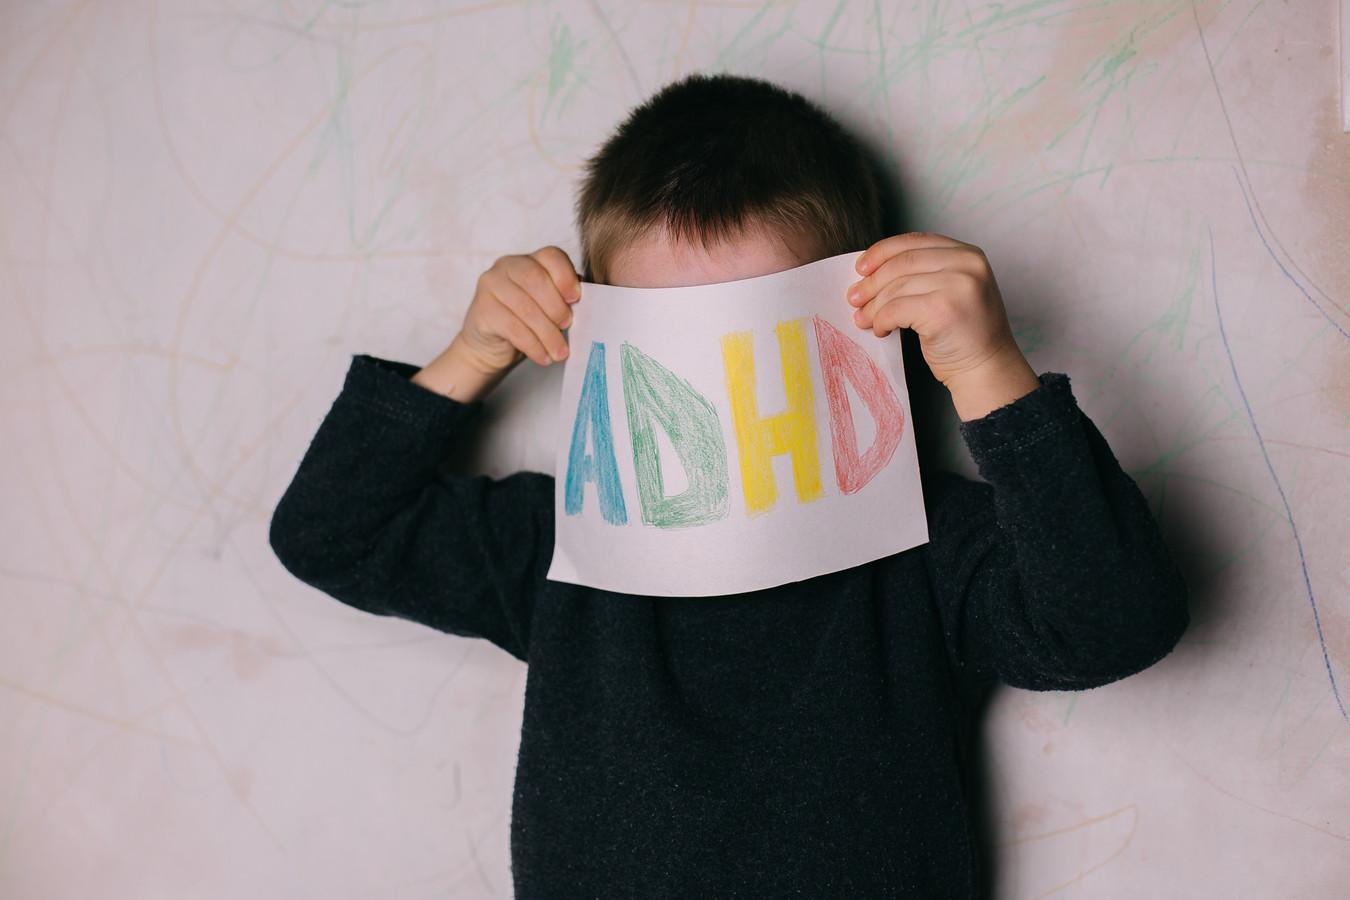 Steeds minder jongeren gebruiken ADHD-medicijnen.